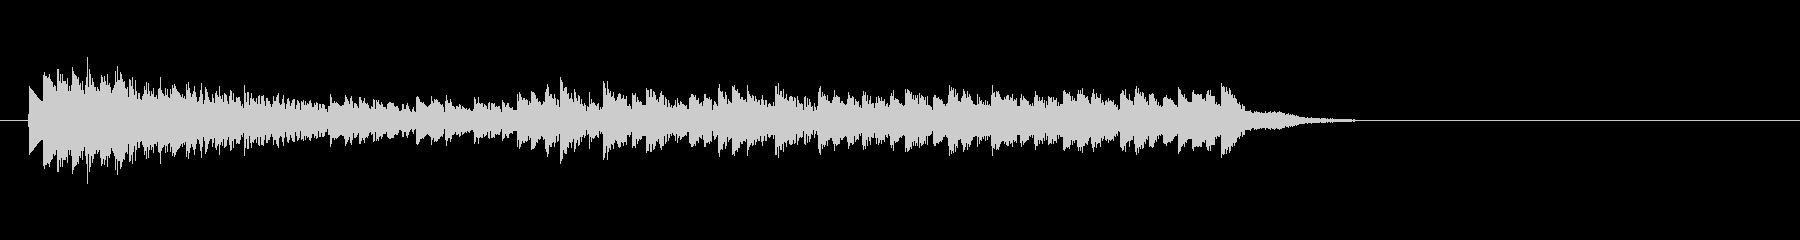 テーマ8:キシロフォンの未再生の波形